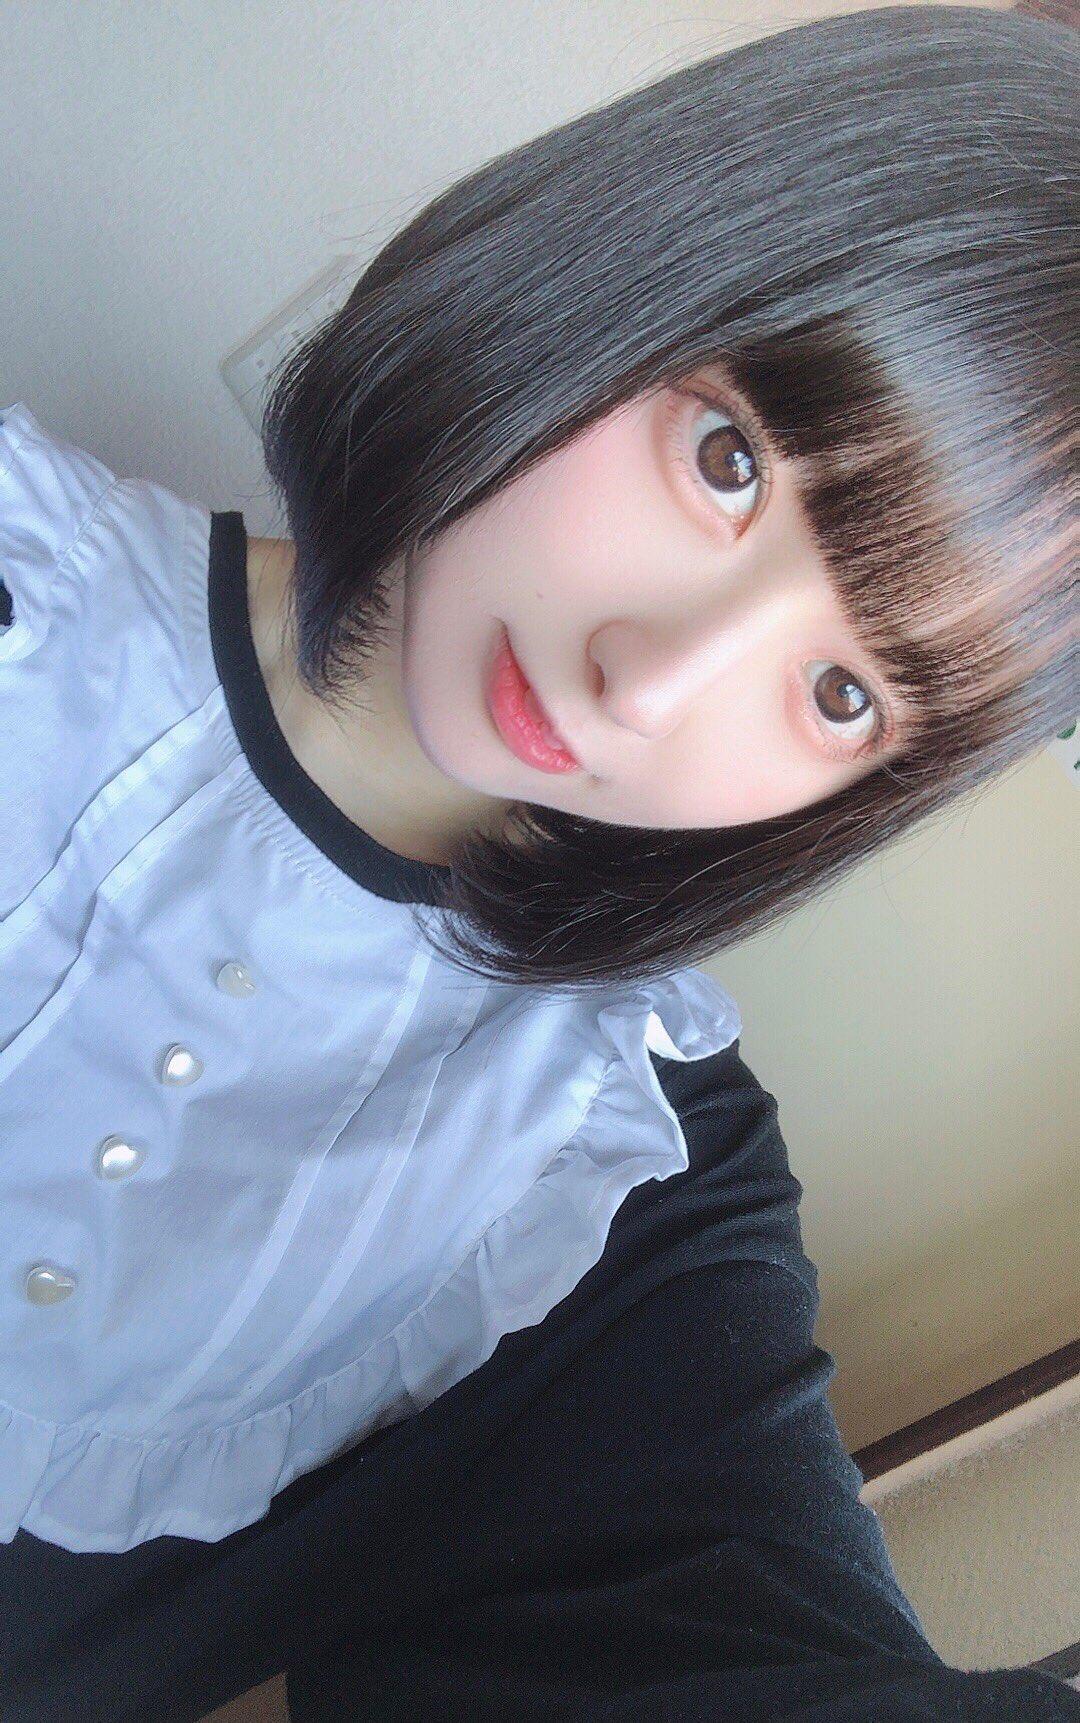 画像,髪を切ったよ💡会える女の子だよ⸜(* ॑꒳ ॑*  )⸝ https://t.co/DcUuRqZglg。